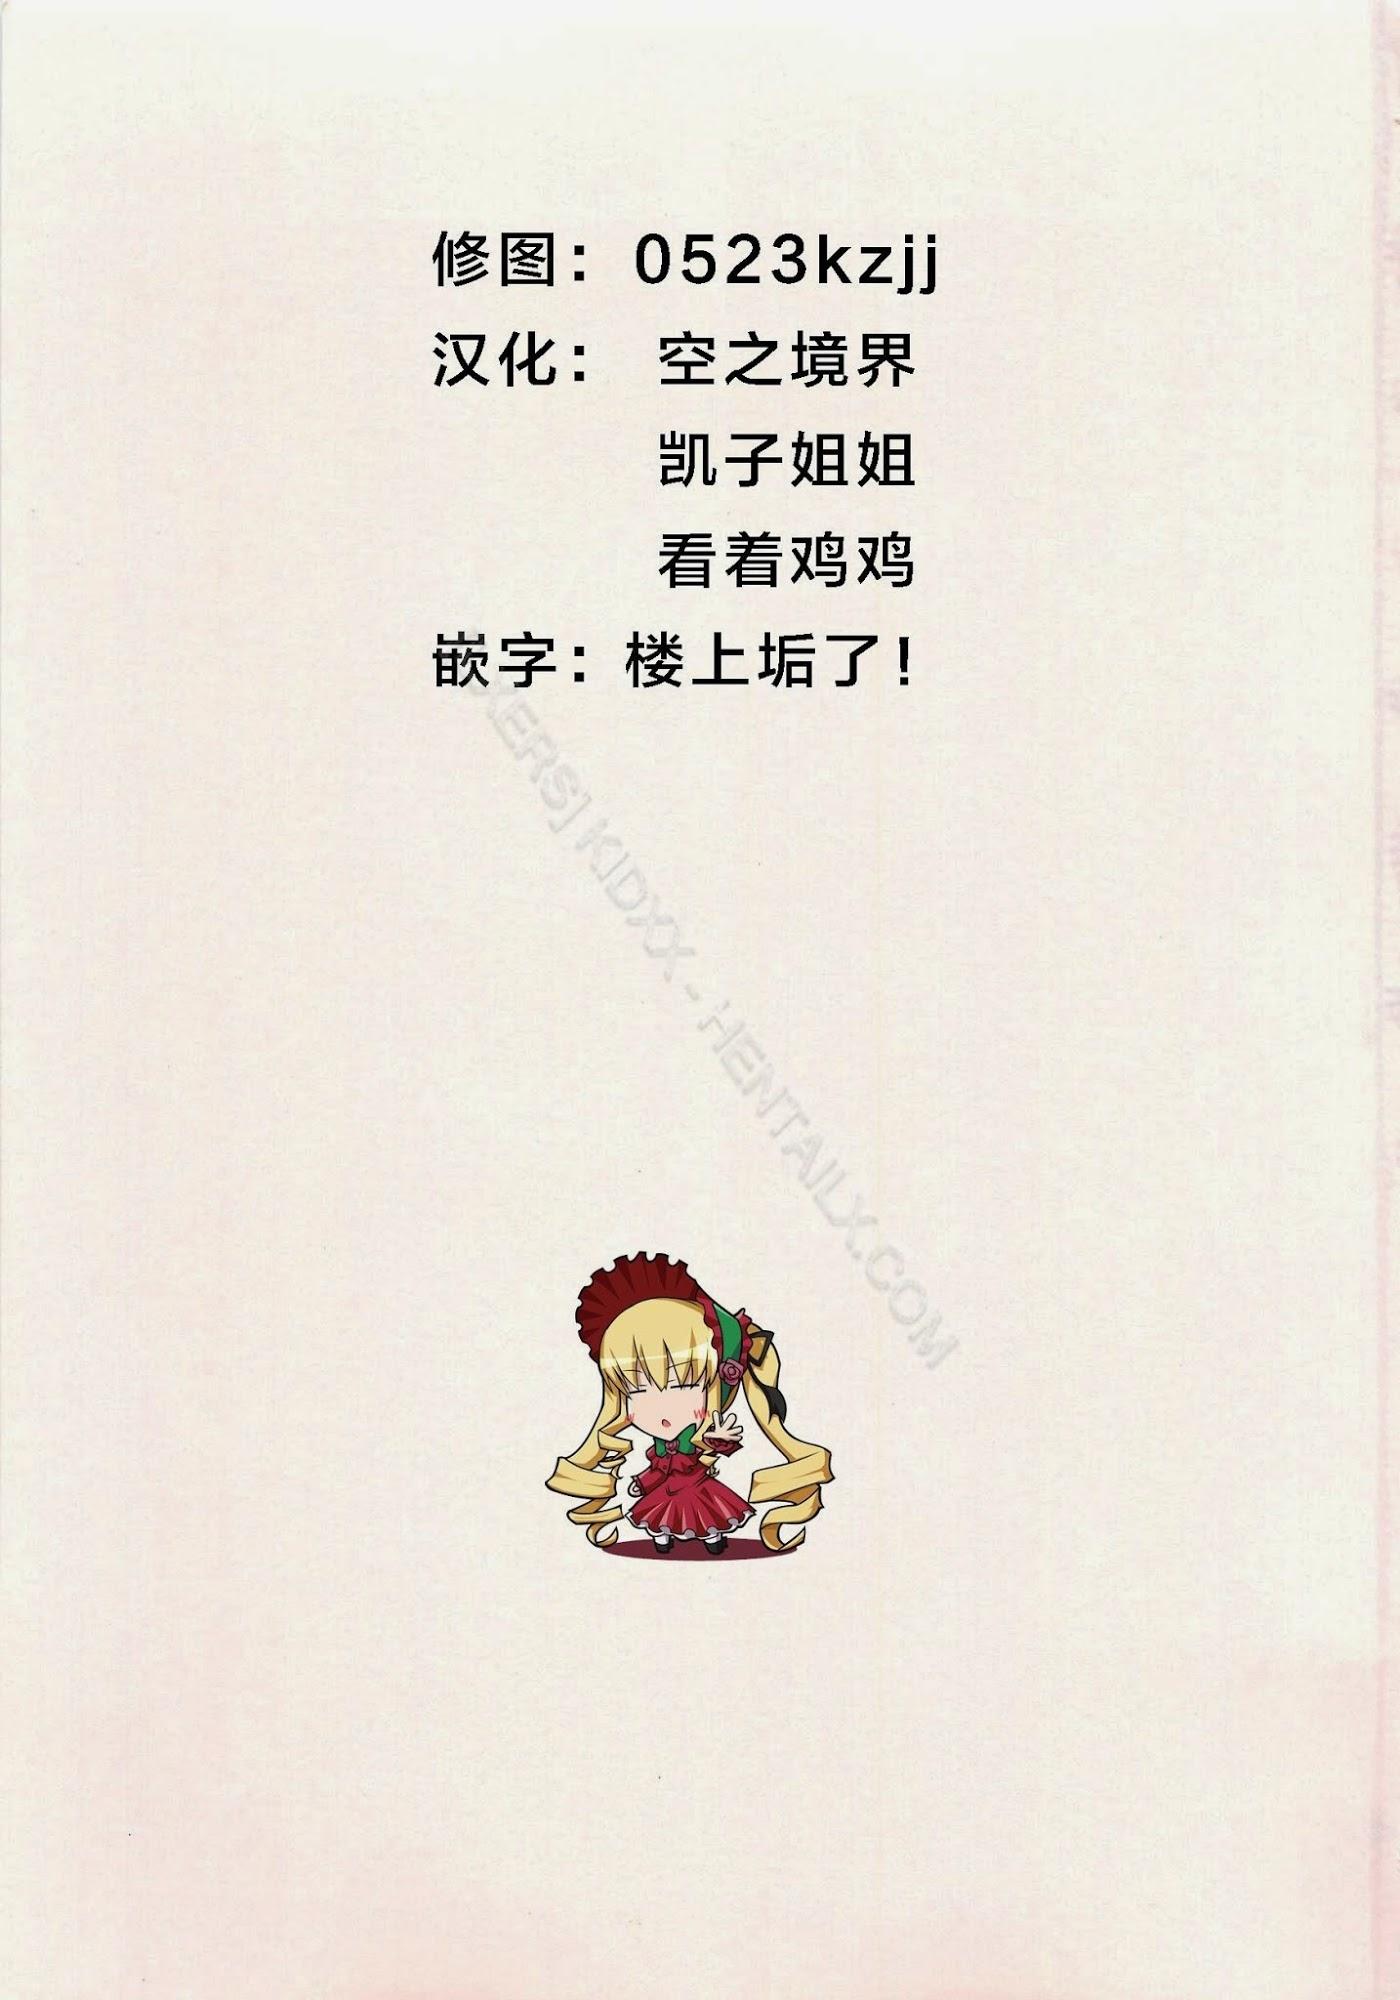 Hình ảnh Hinh_005 in Melty Play [Torokeru Asobi]